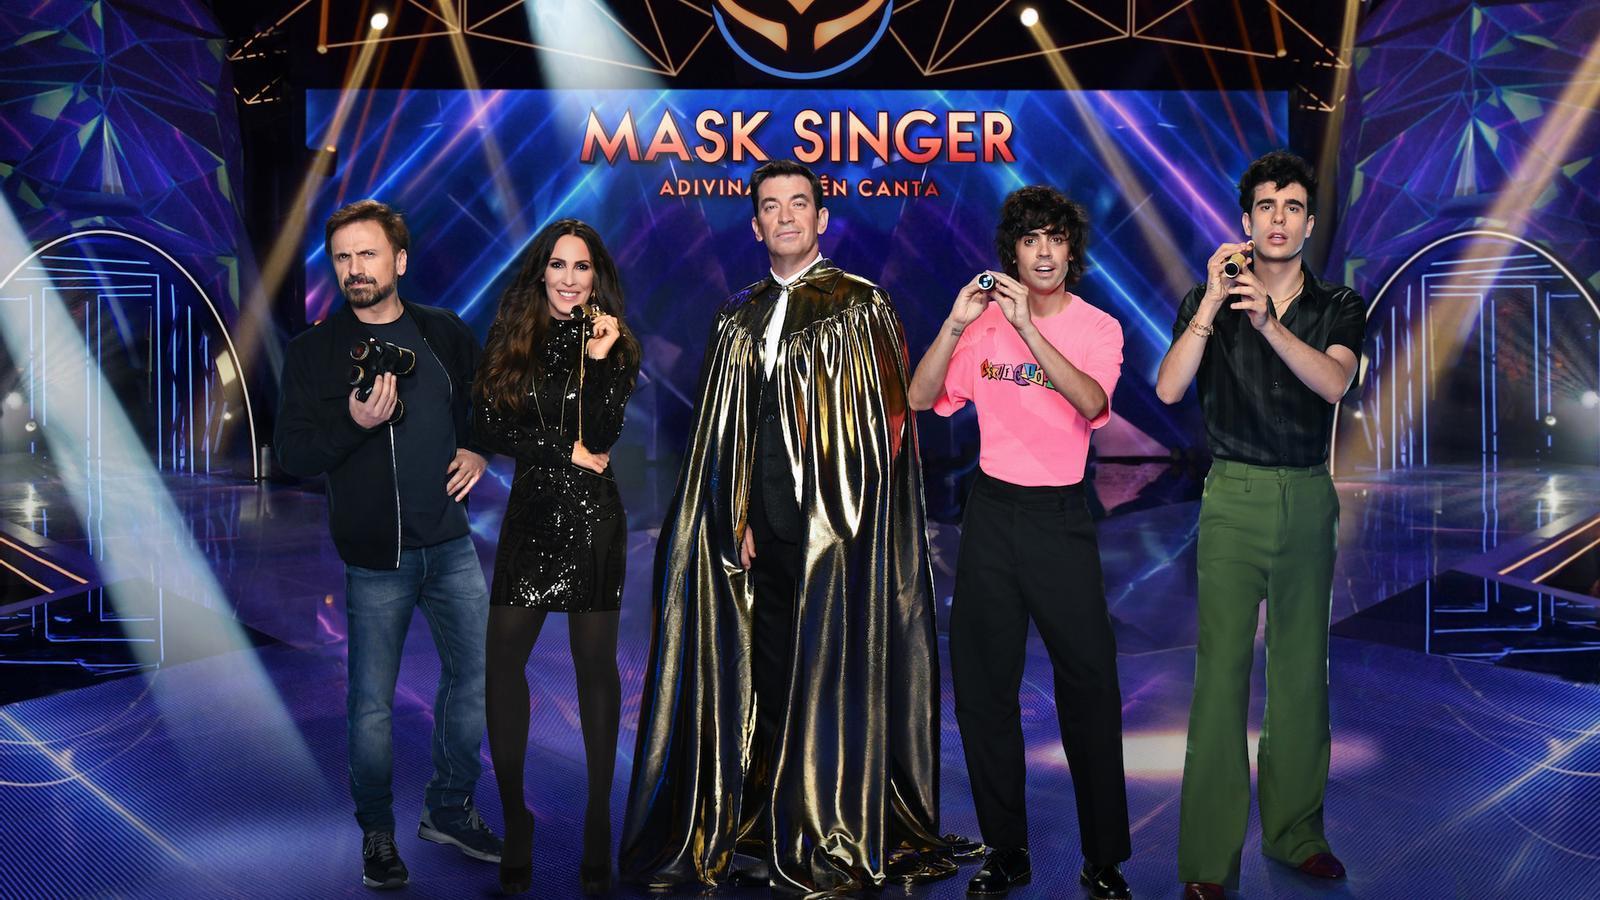 Els cantants disfressats de 'Mask singer' desembarquen a Antena 3